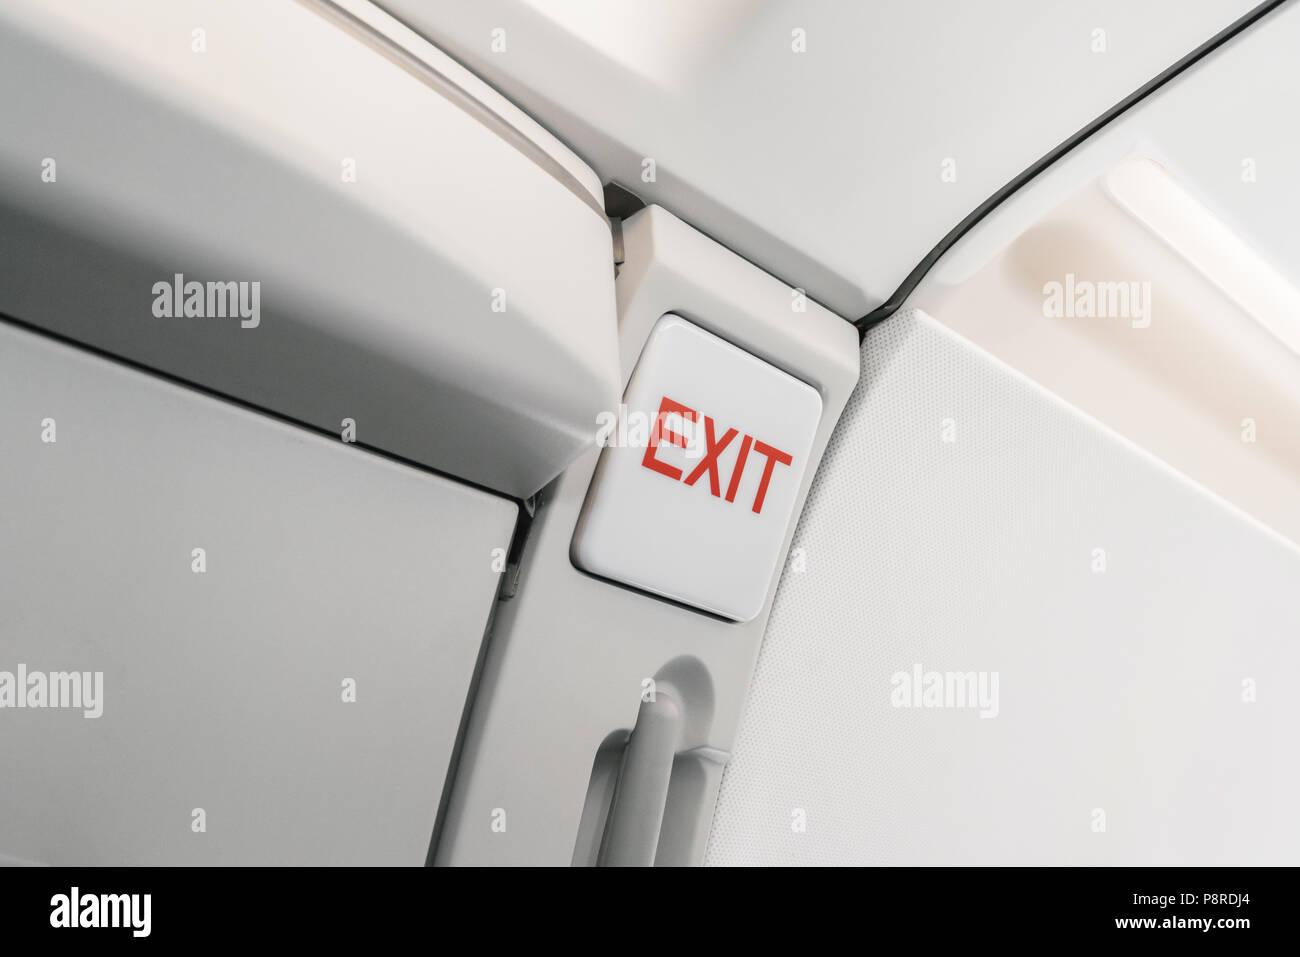 Uscita di emergenza segno su aereo. Vuoto aereo sedi nella cabina. Moderno concetto di trasporto. Aeromobili a lunga distanza di volo internazionale Immagini Stock